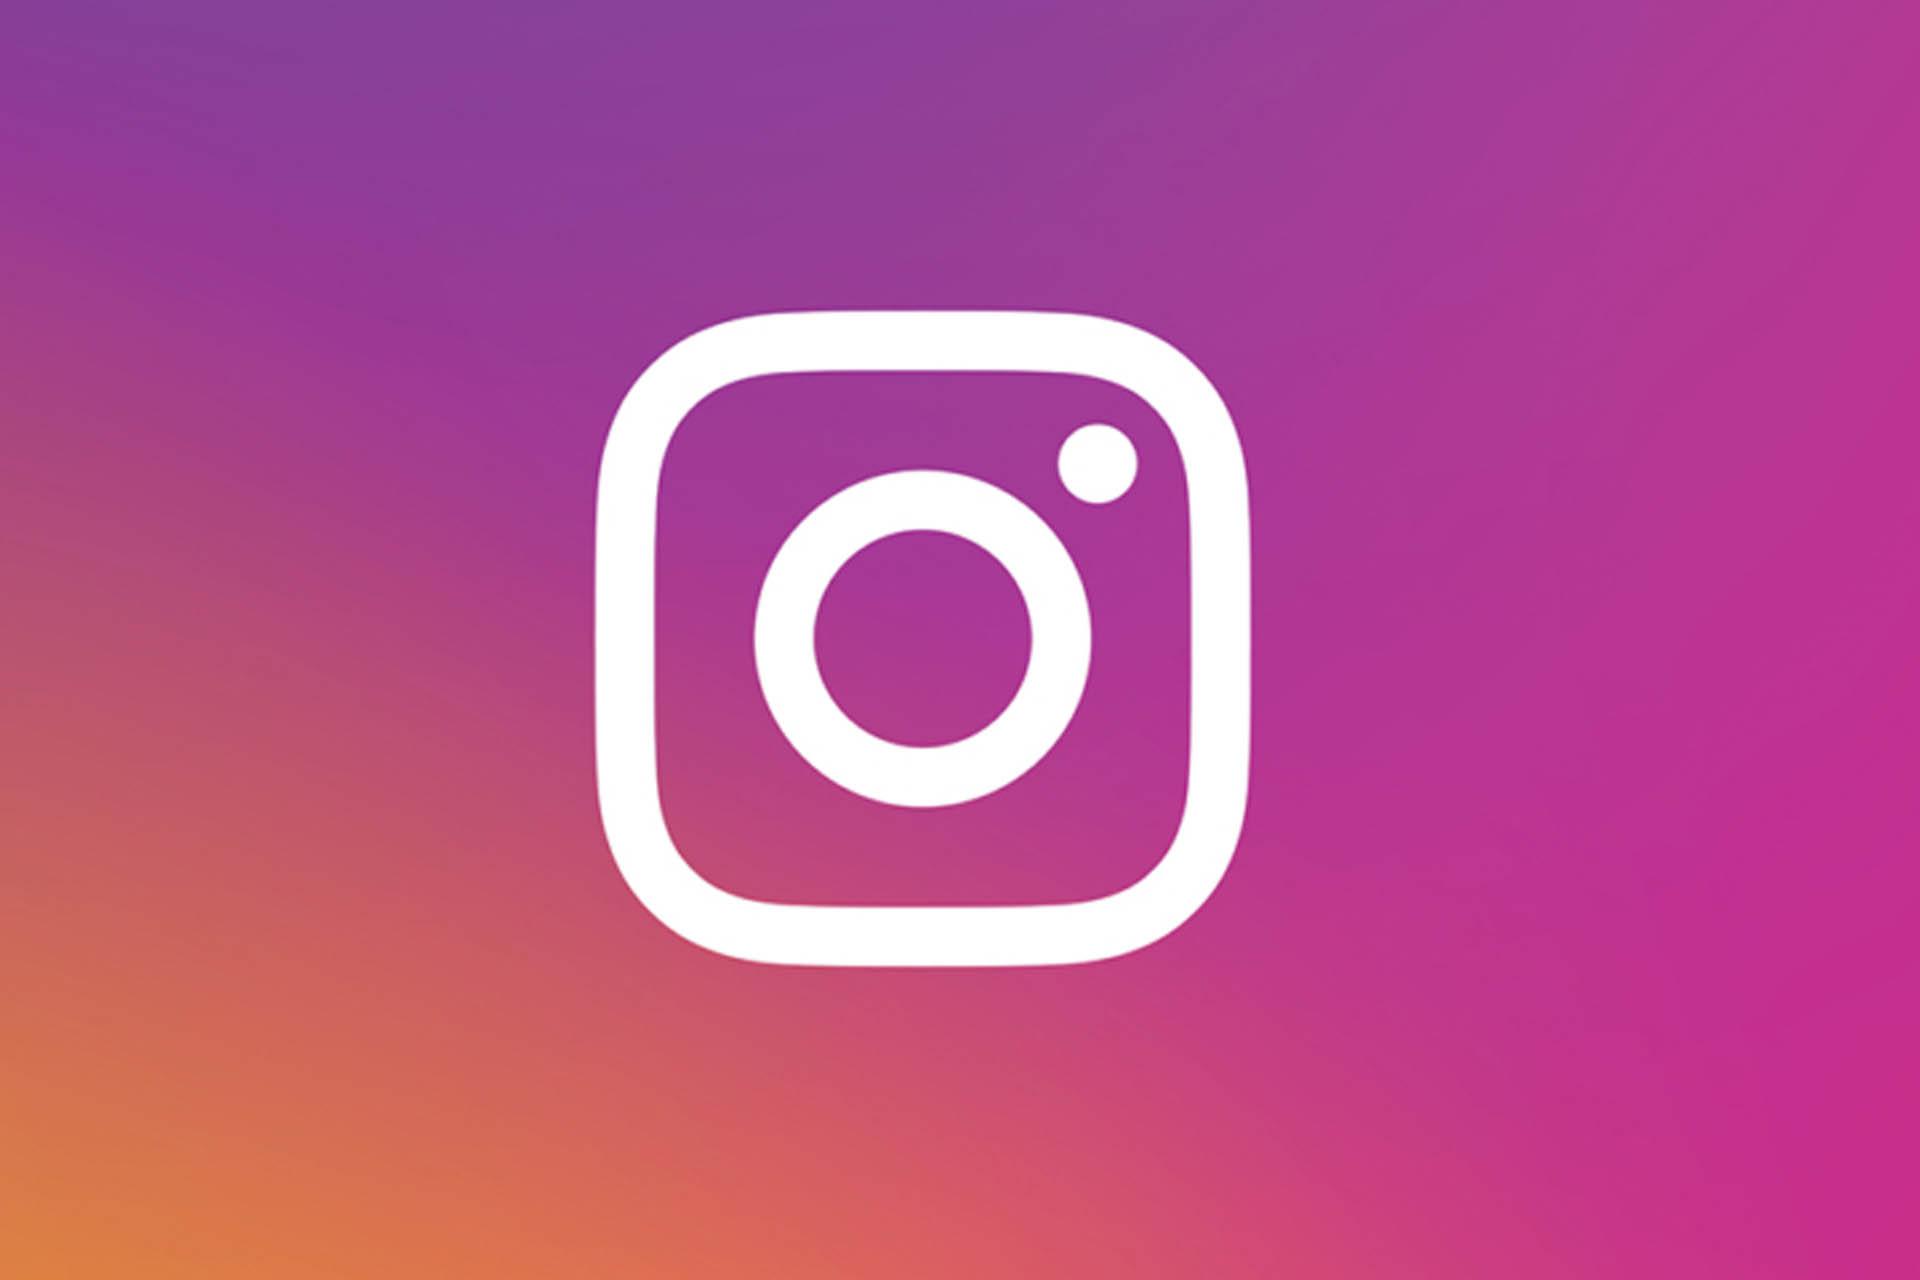 Trust Score på Instagram – Hva er det, og hvorfor bry seg?